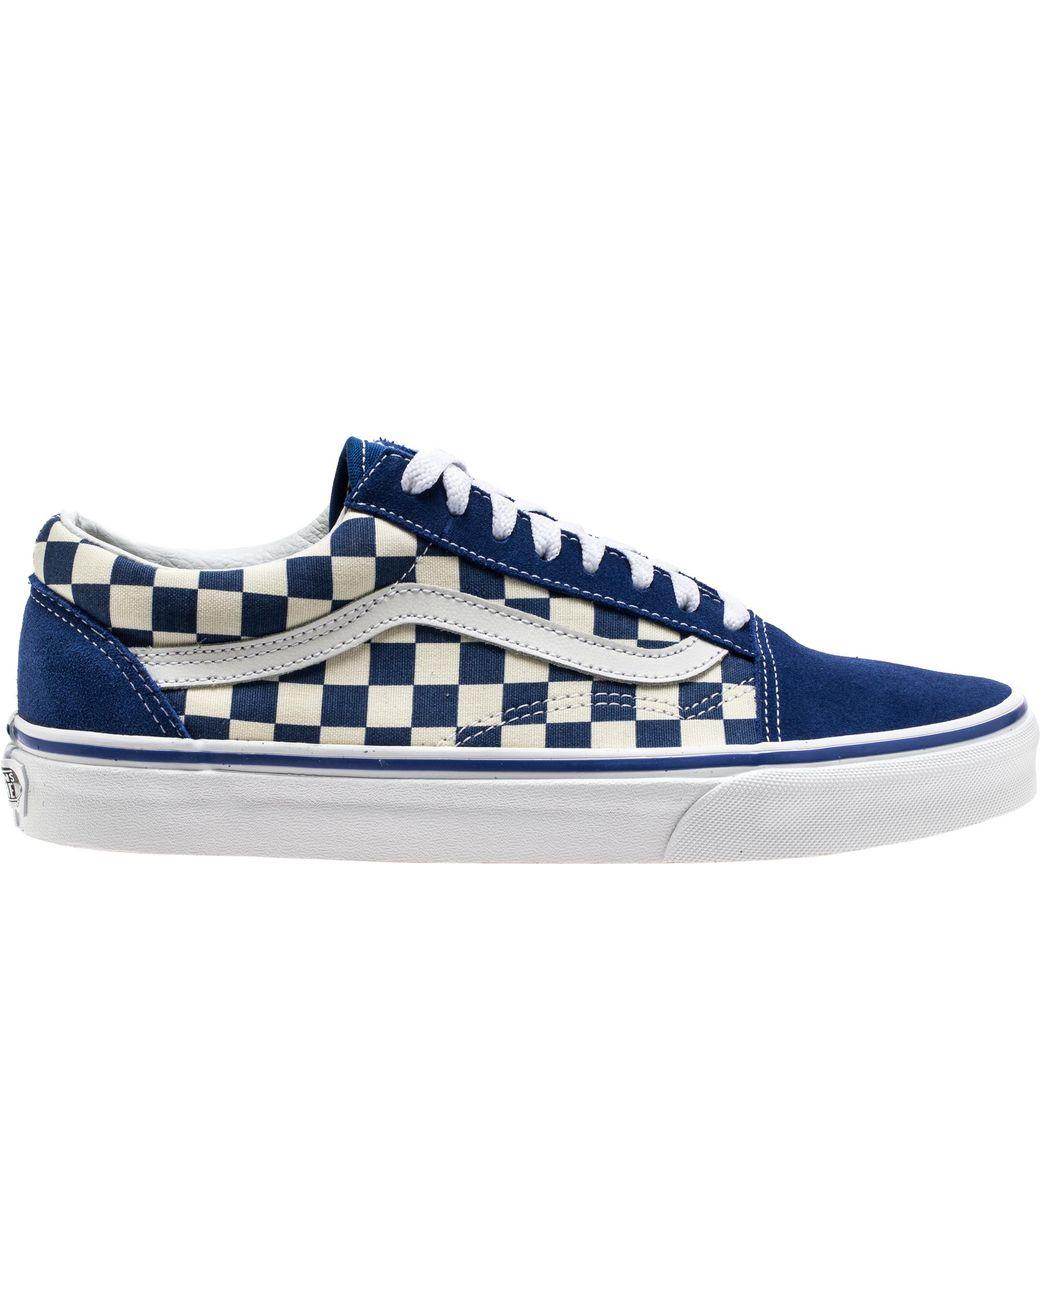 Vans Old Skool Blue Checkerboard for